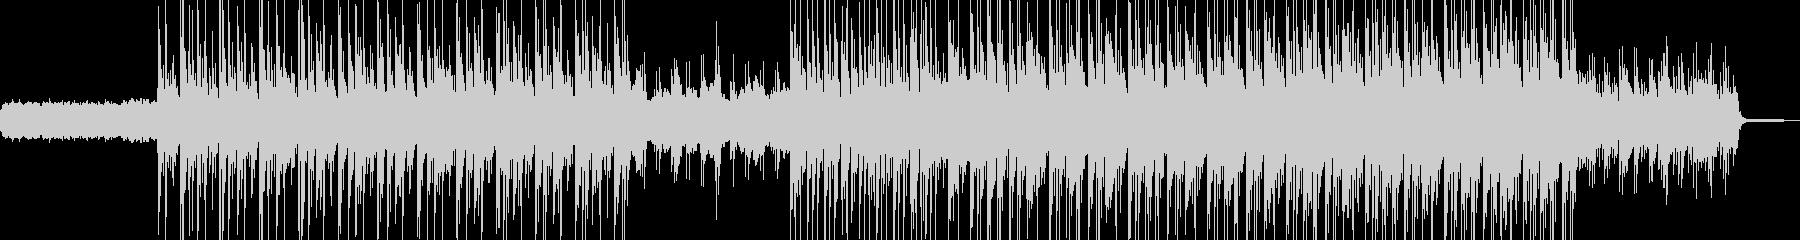 電脳・空想科学的なエレクトロ エレキ無Bの未再生の波形